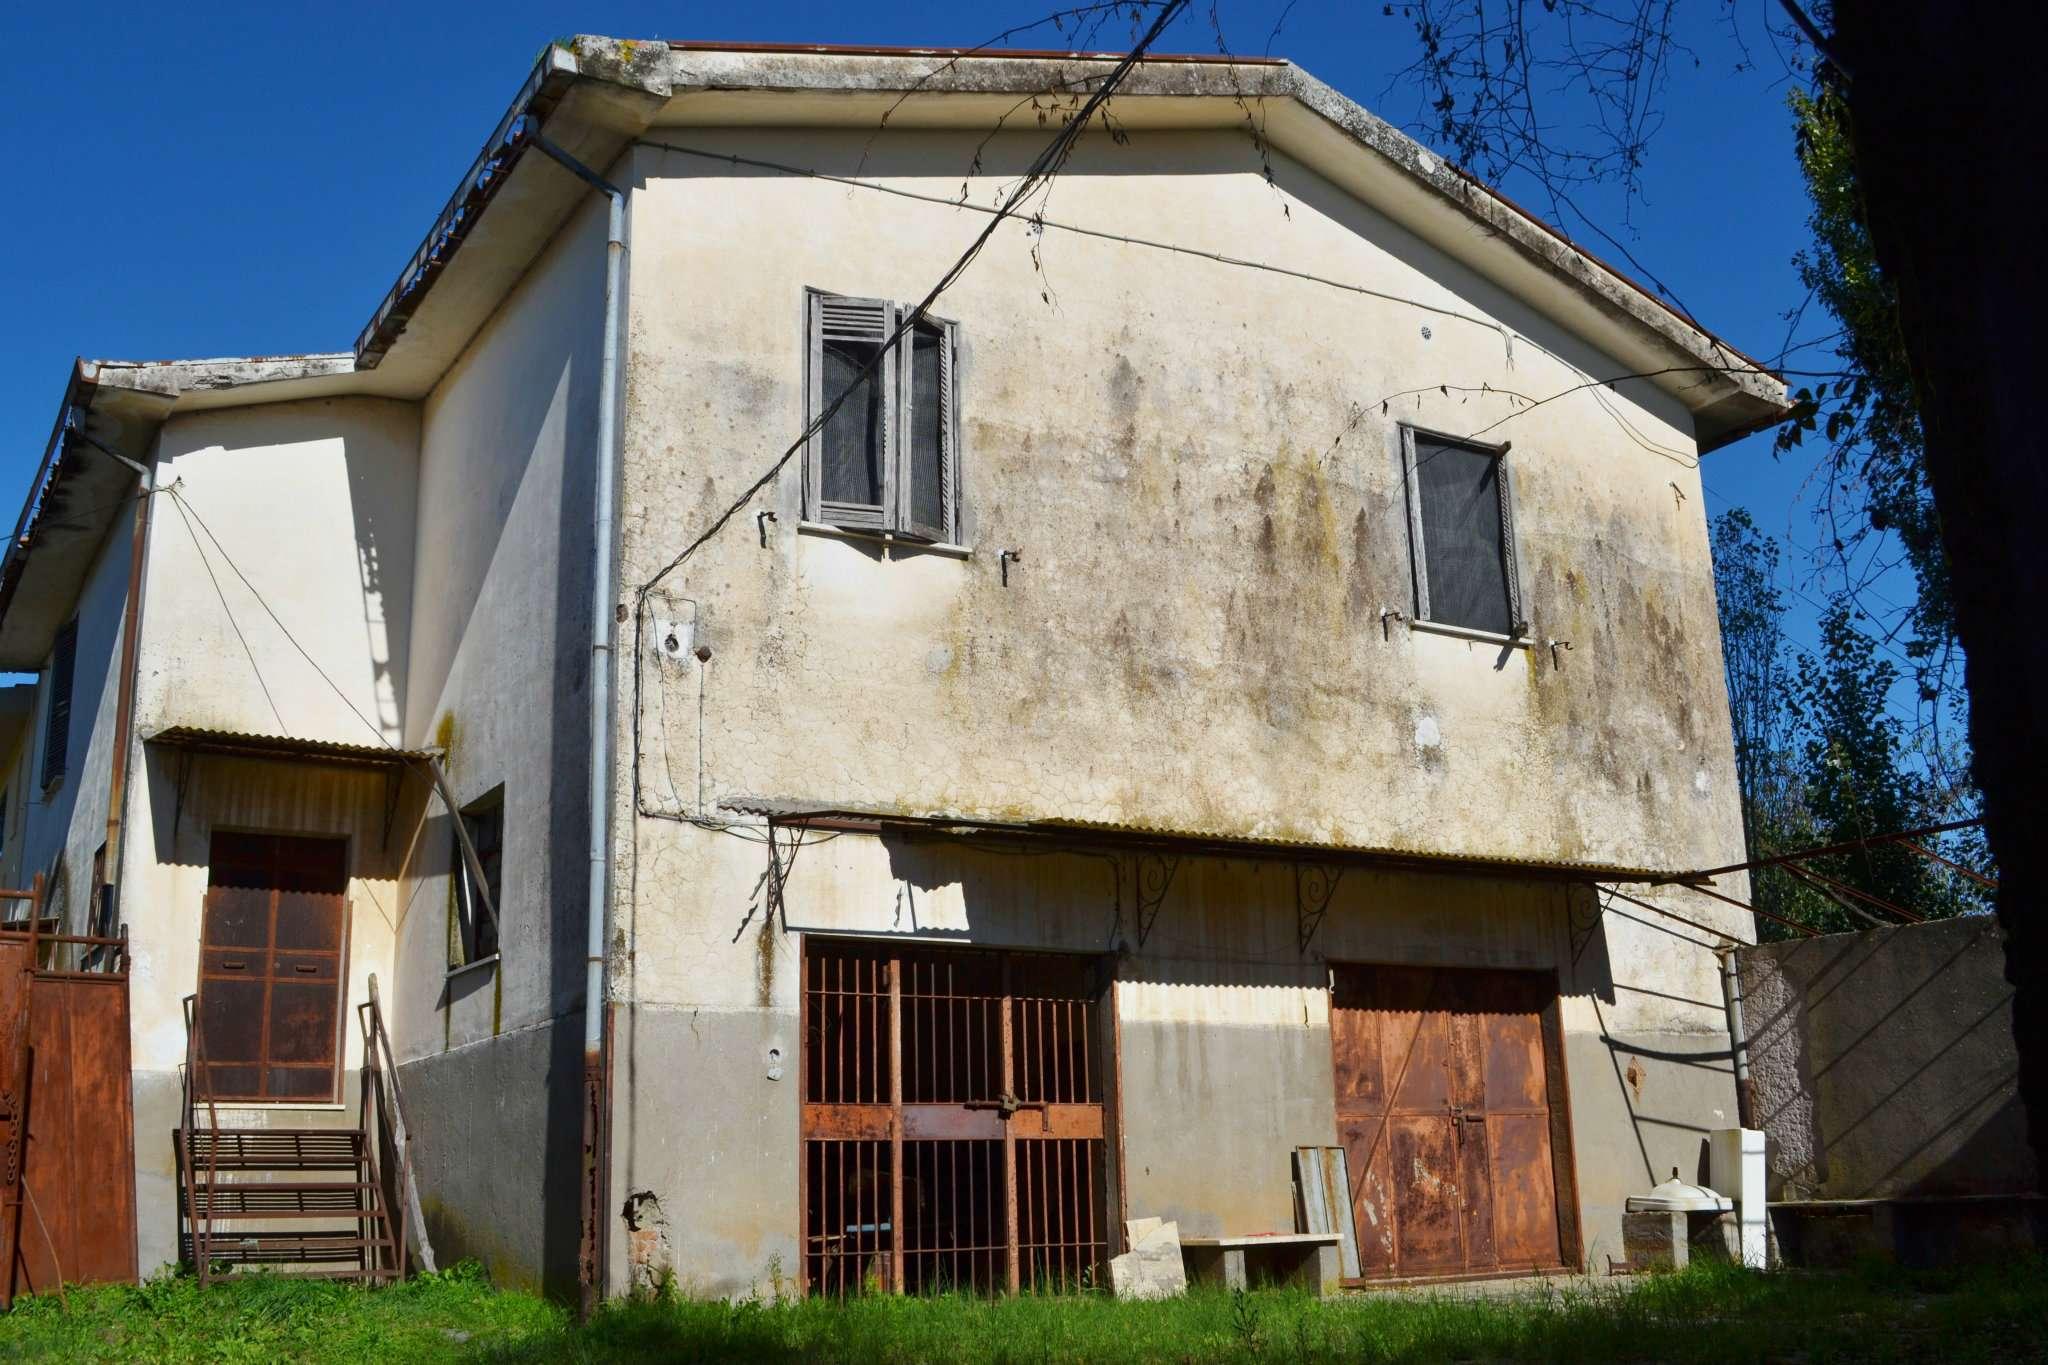 Rustico / Casale in vendita a Velletri, 7 locali, prezzo € 330.000 | Cambio Casa.it